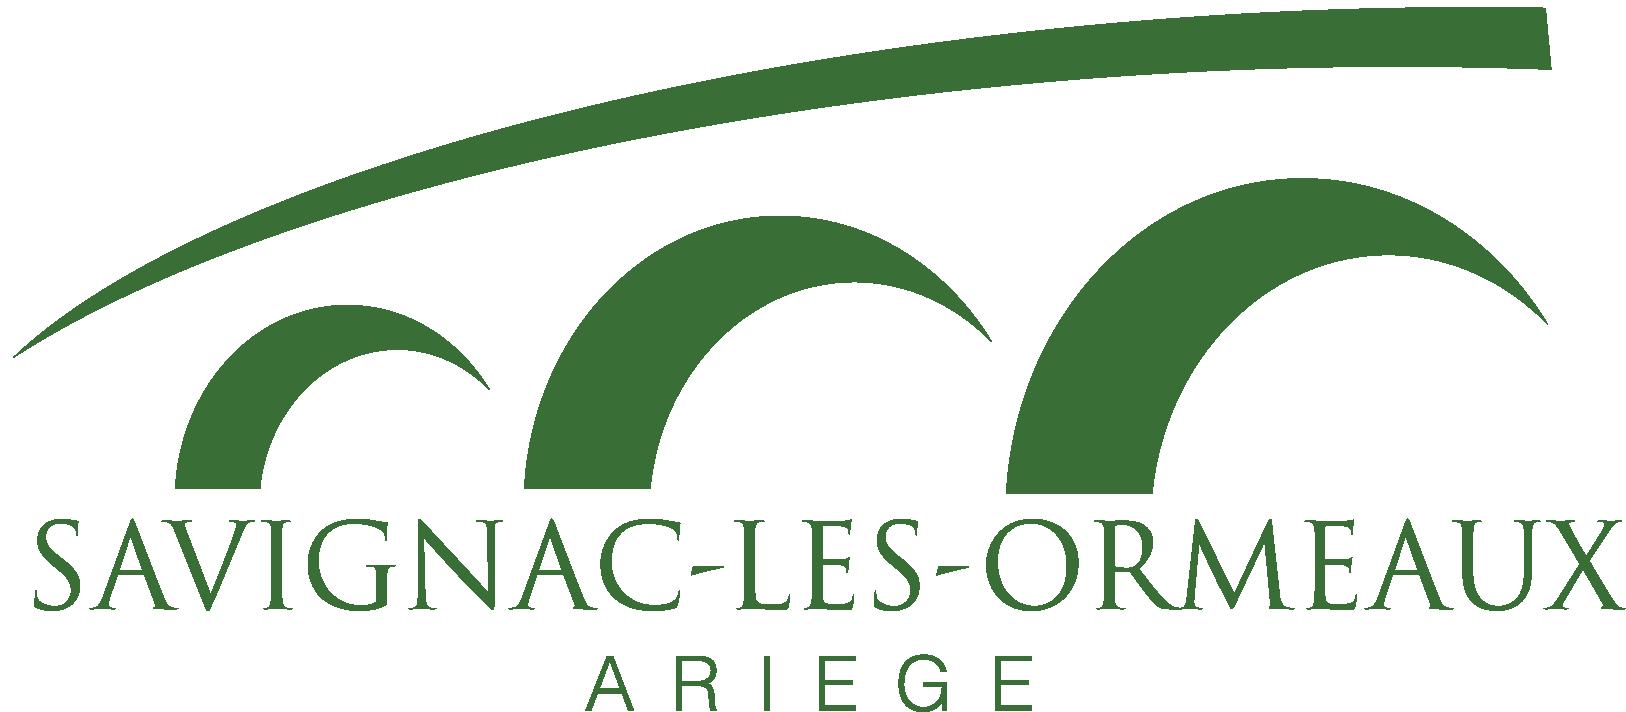 Savignac-les-Ormeaux